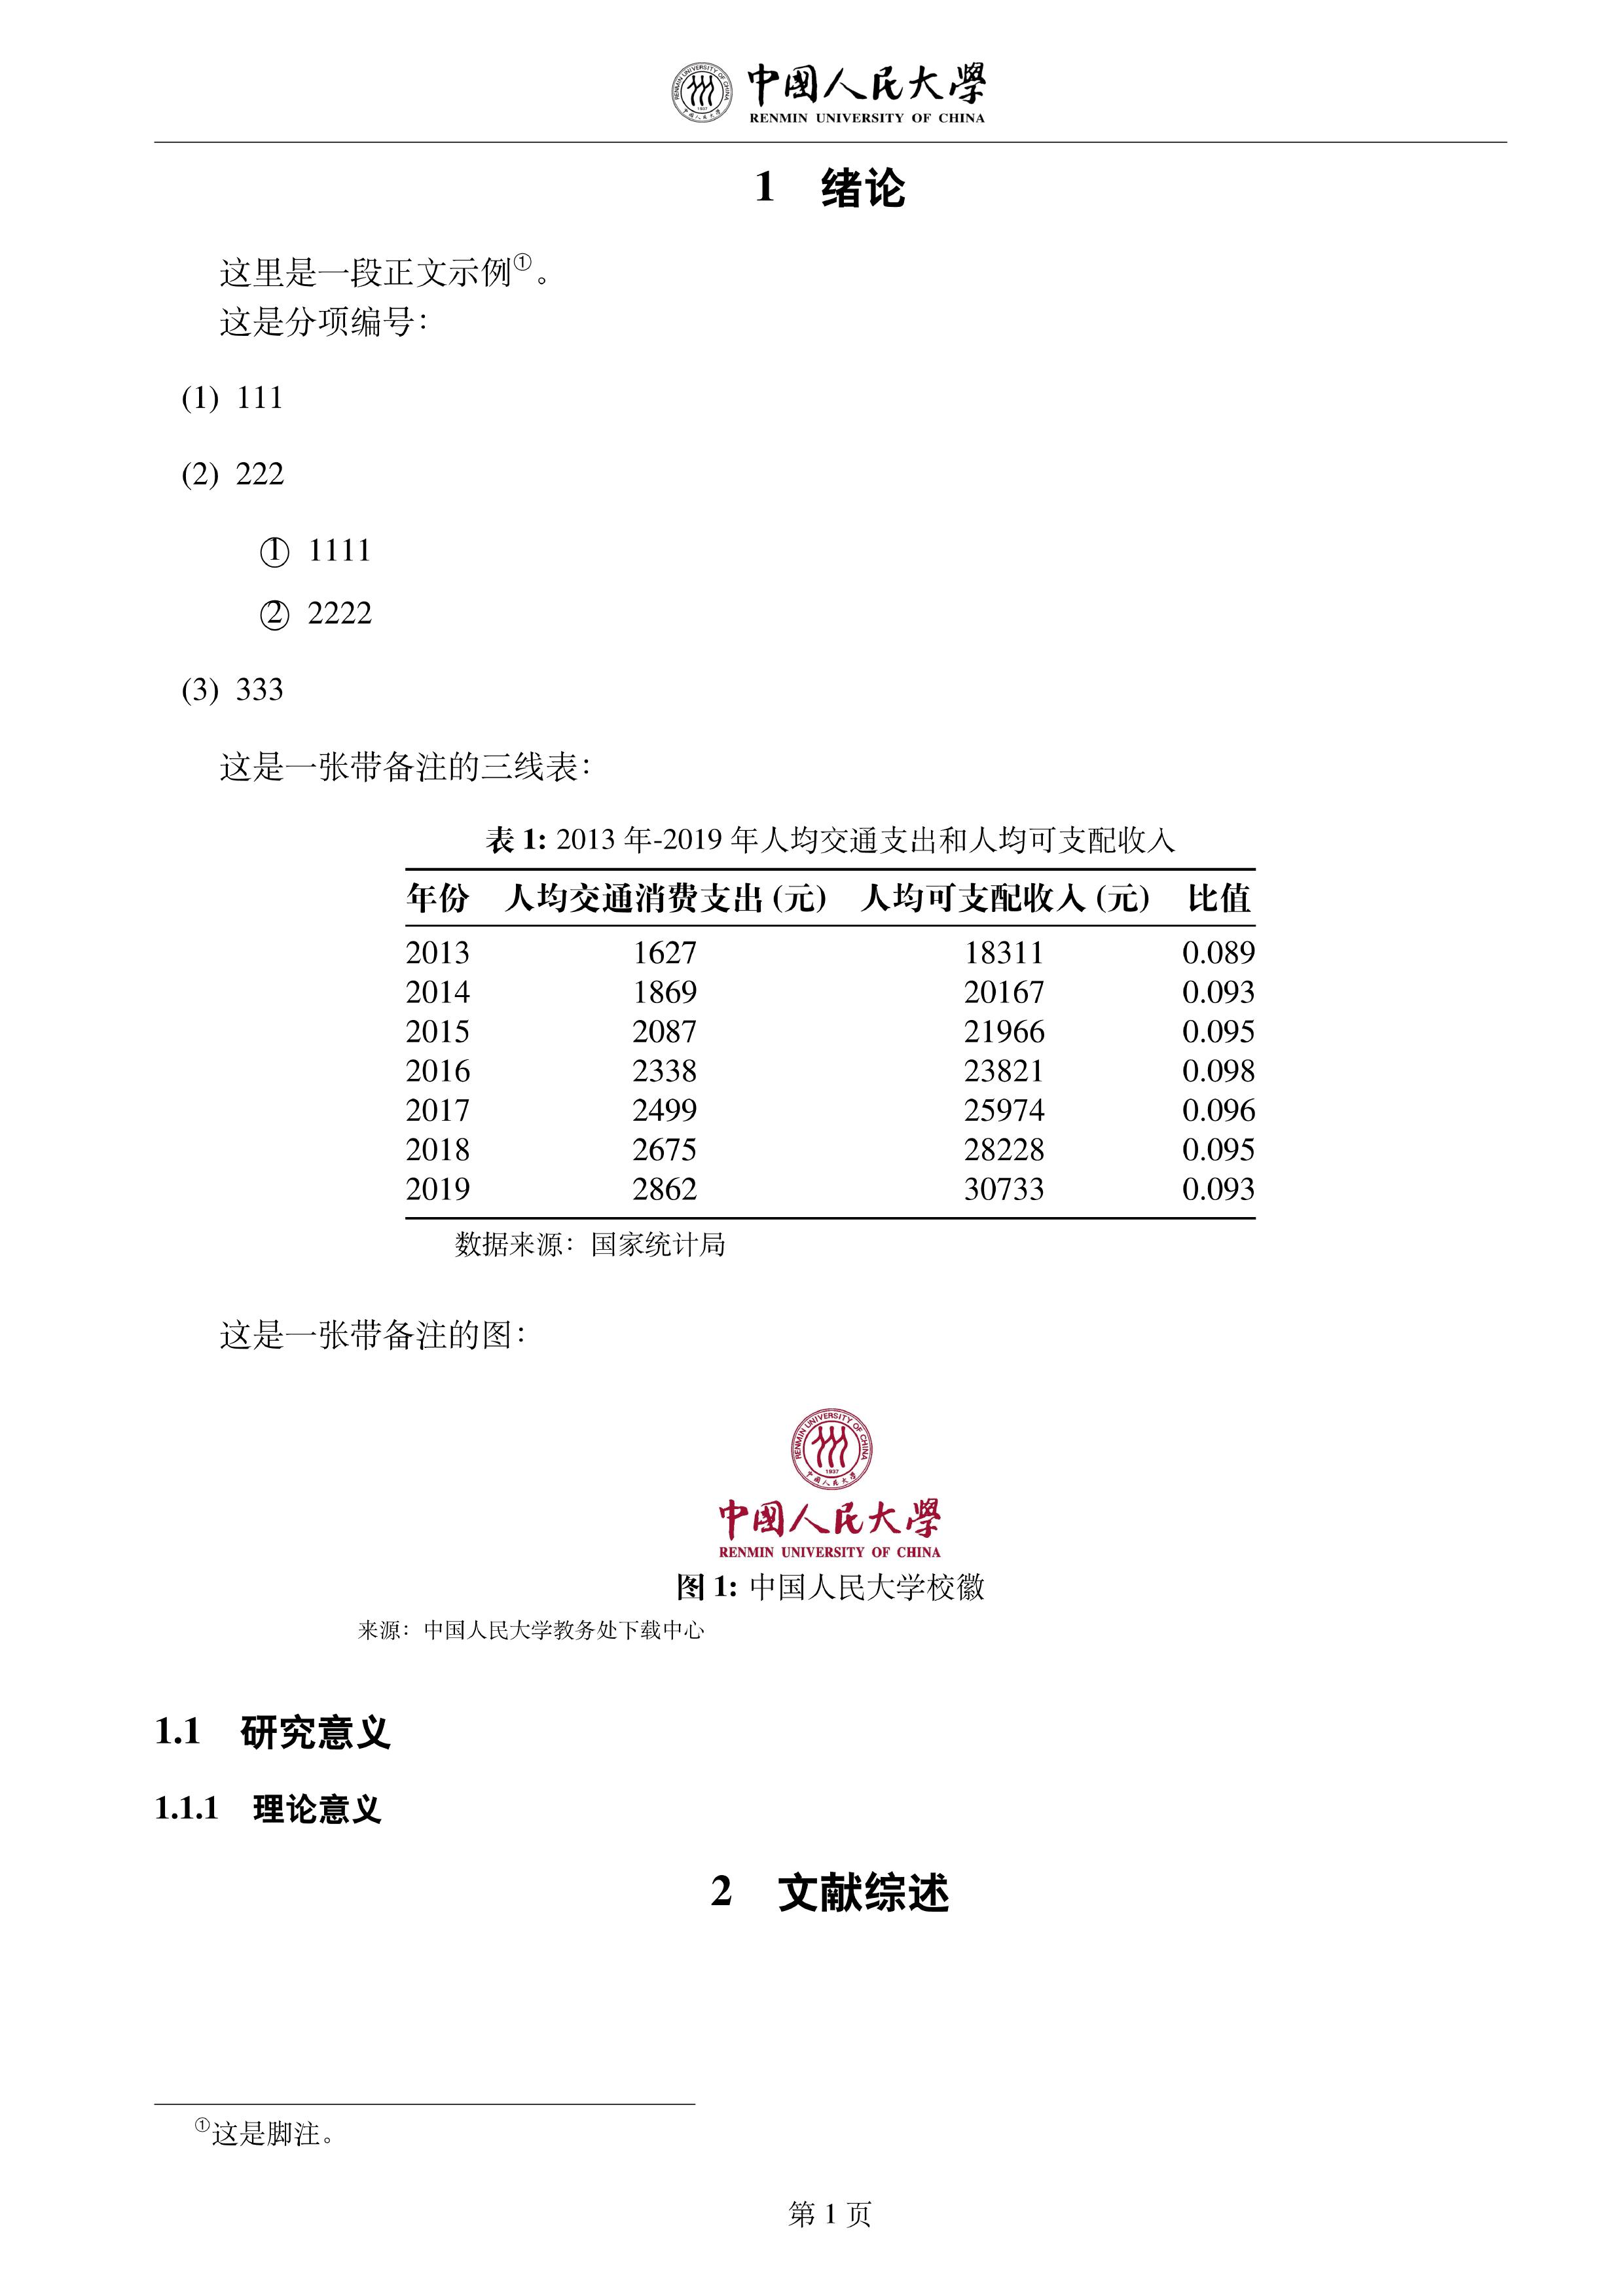 2020 中国人民大学本科生毕业论文(设计)LaTeX 排版样稿